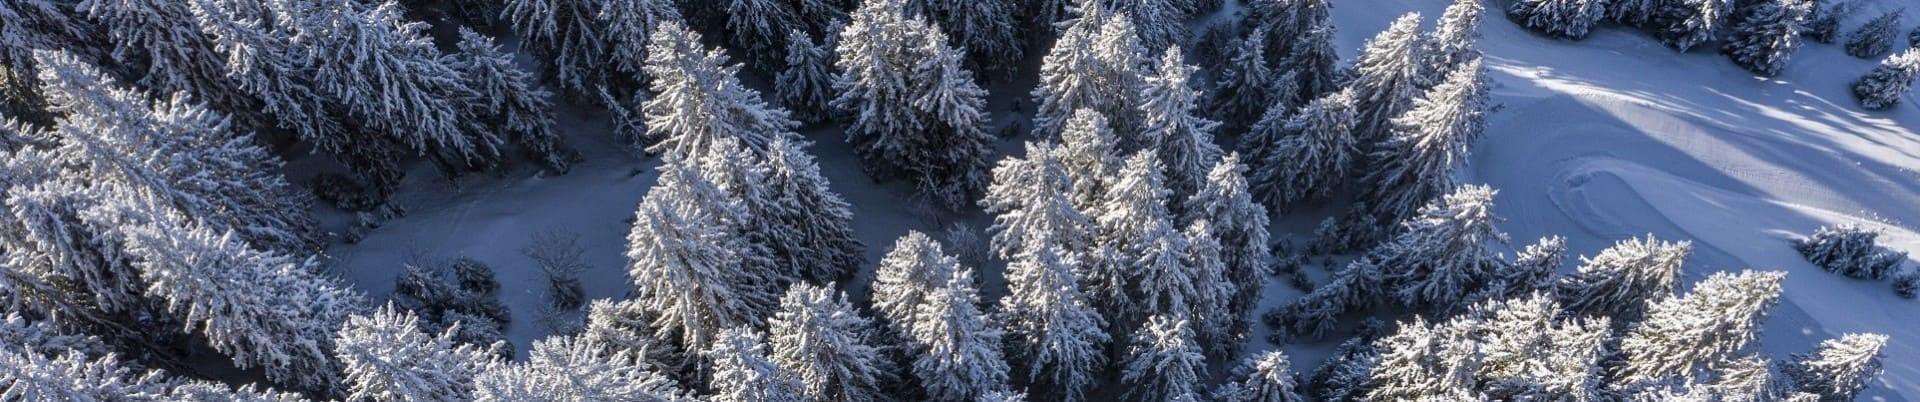 Hiking around Chatel Winter © Lambert meyer